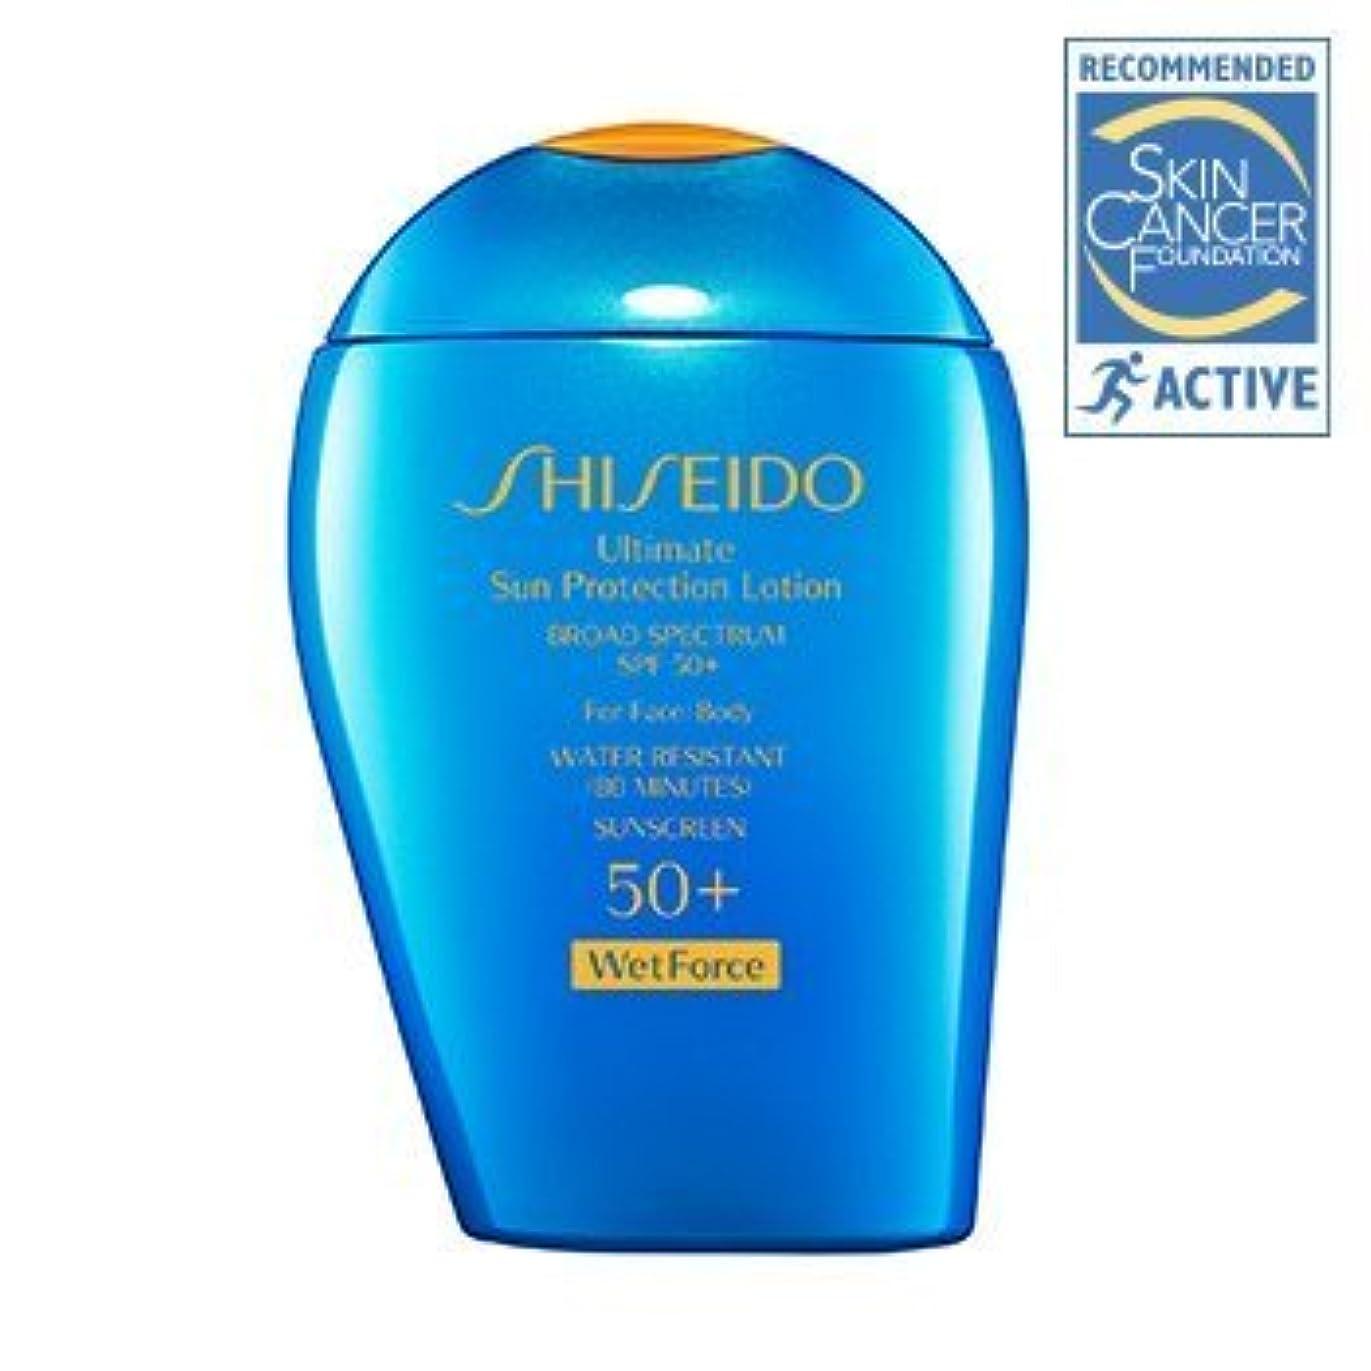 累積しかし後ろにShiseido Ultimate Sun Protection Face & Body Lotion Spf 50 Pa+++ 100Ml/3.4Oz by Shiseido [並行輸入品]